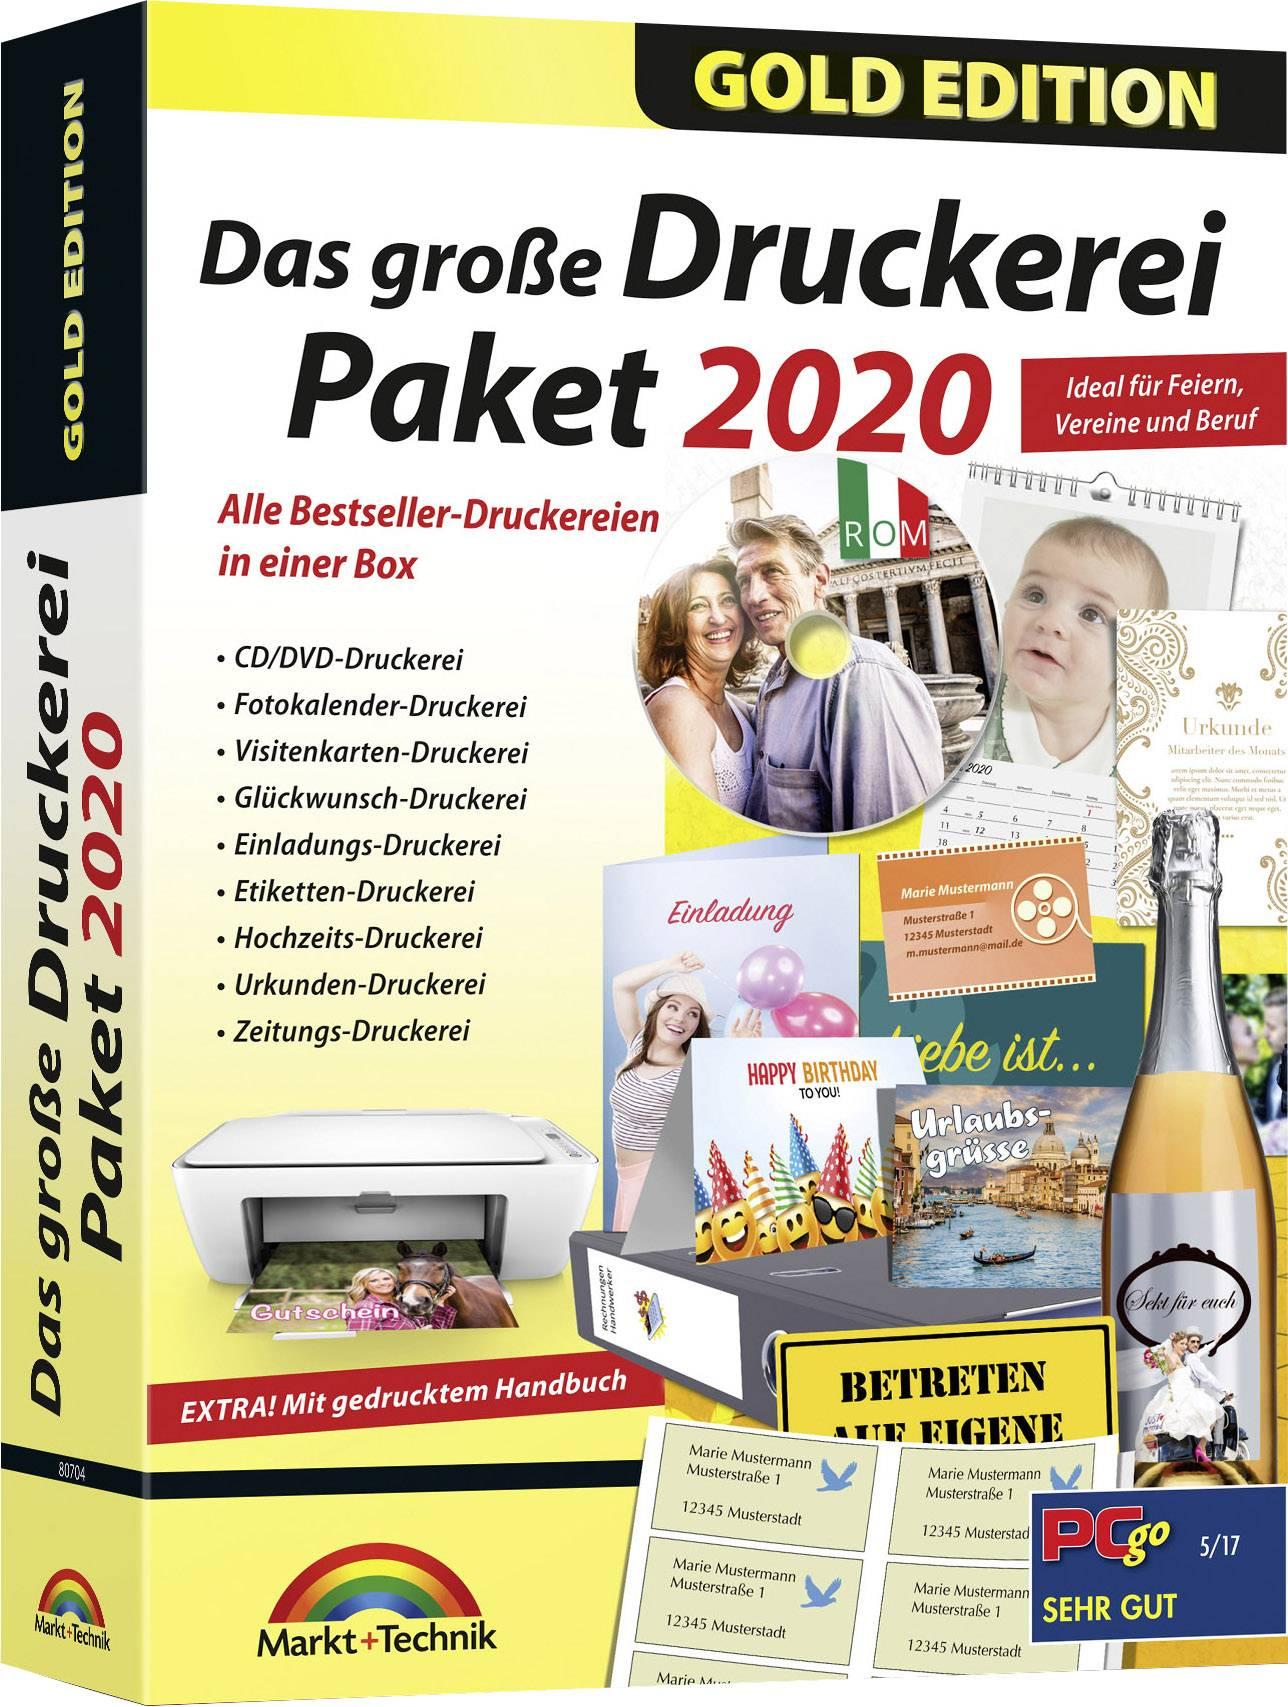 Markt Technik Das Große Druckerei Paket 2020 Gold Edition